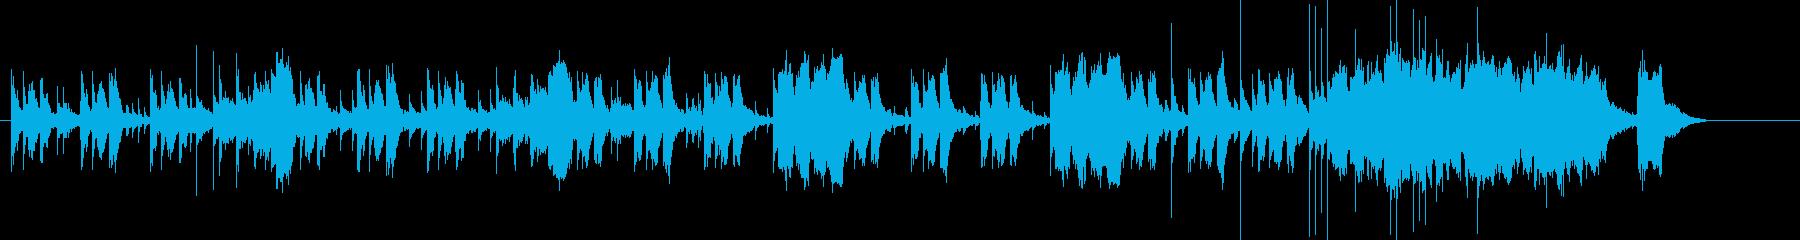 スパイ・潜入捜査風_ピアノxホーンジャズの再生済みの波形